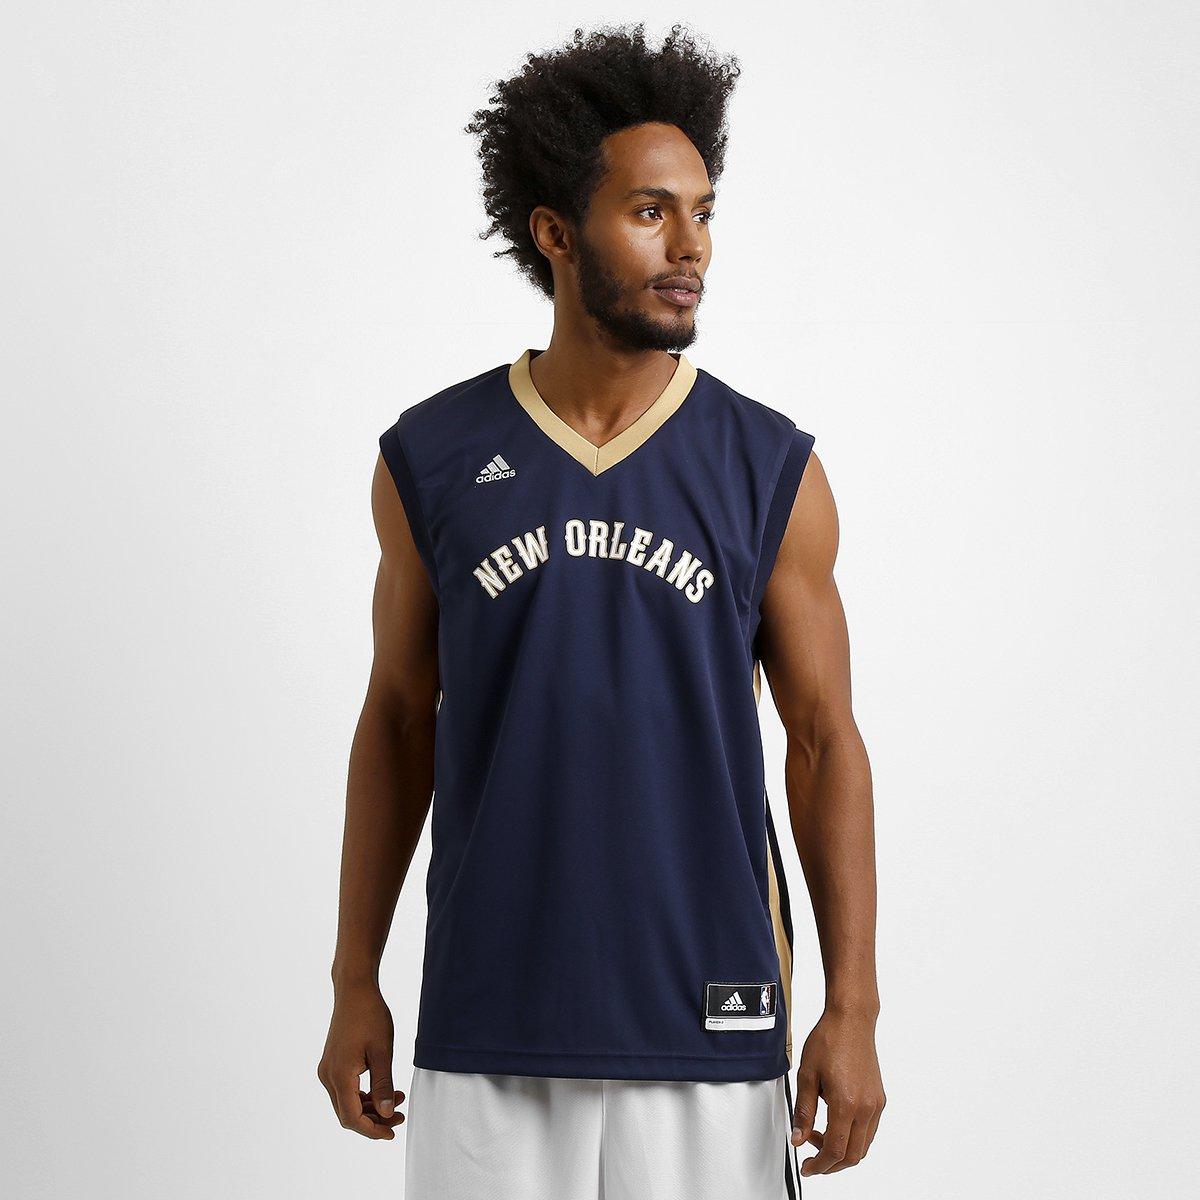 9036d72c1 Camiseta Regata NBA Adidas New Orleans Pelicans Road - Compre Agora ...